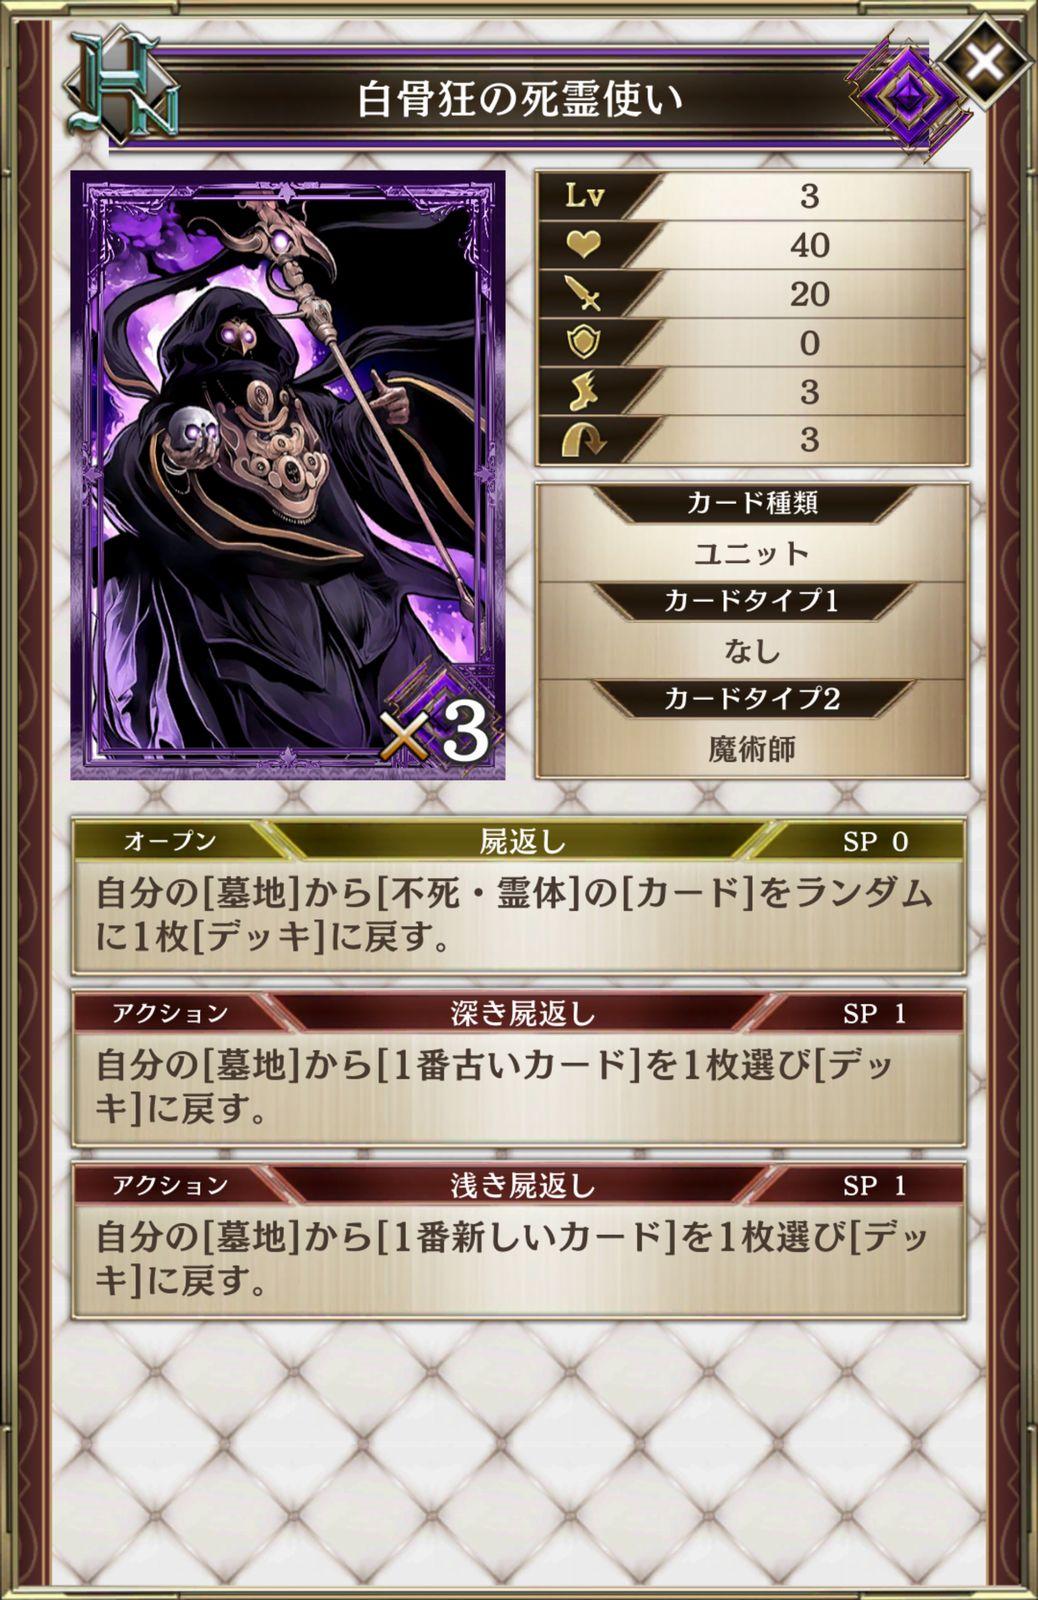 アルテイルNEO【攻略】: 実用的!R以下の優秀カード